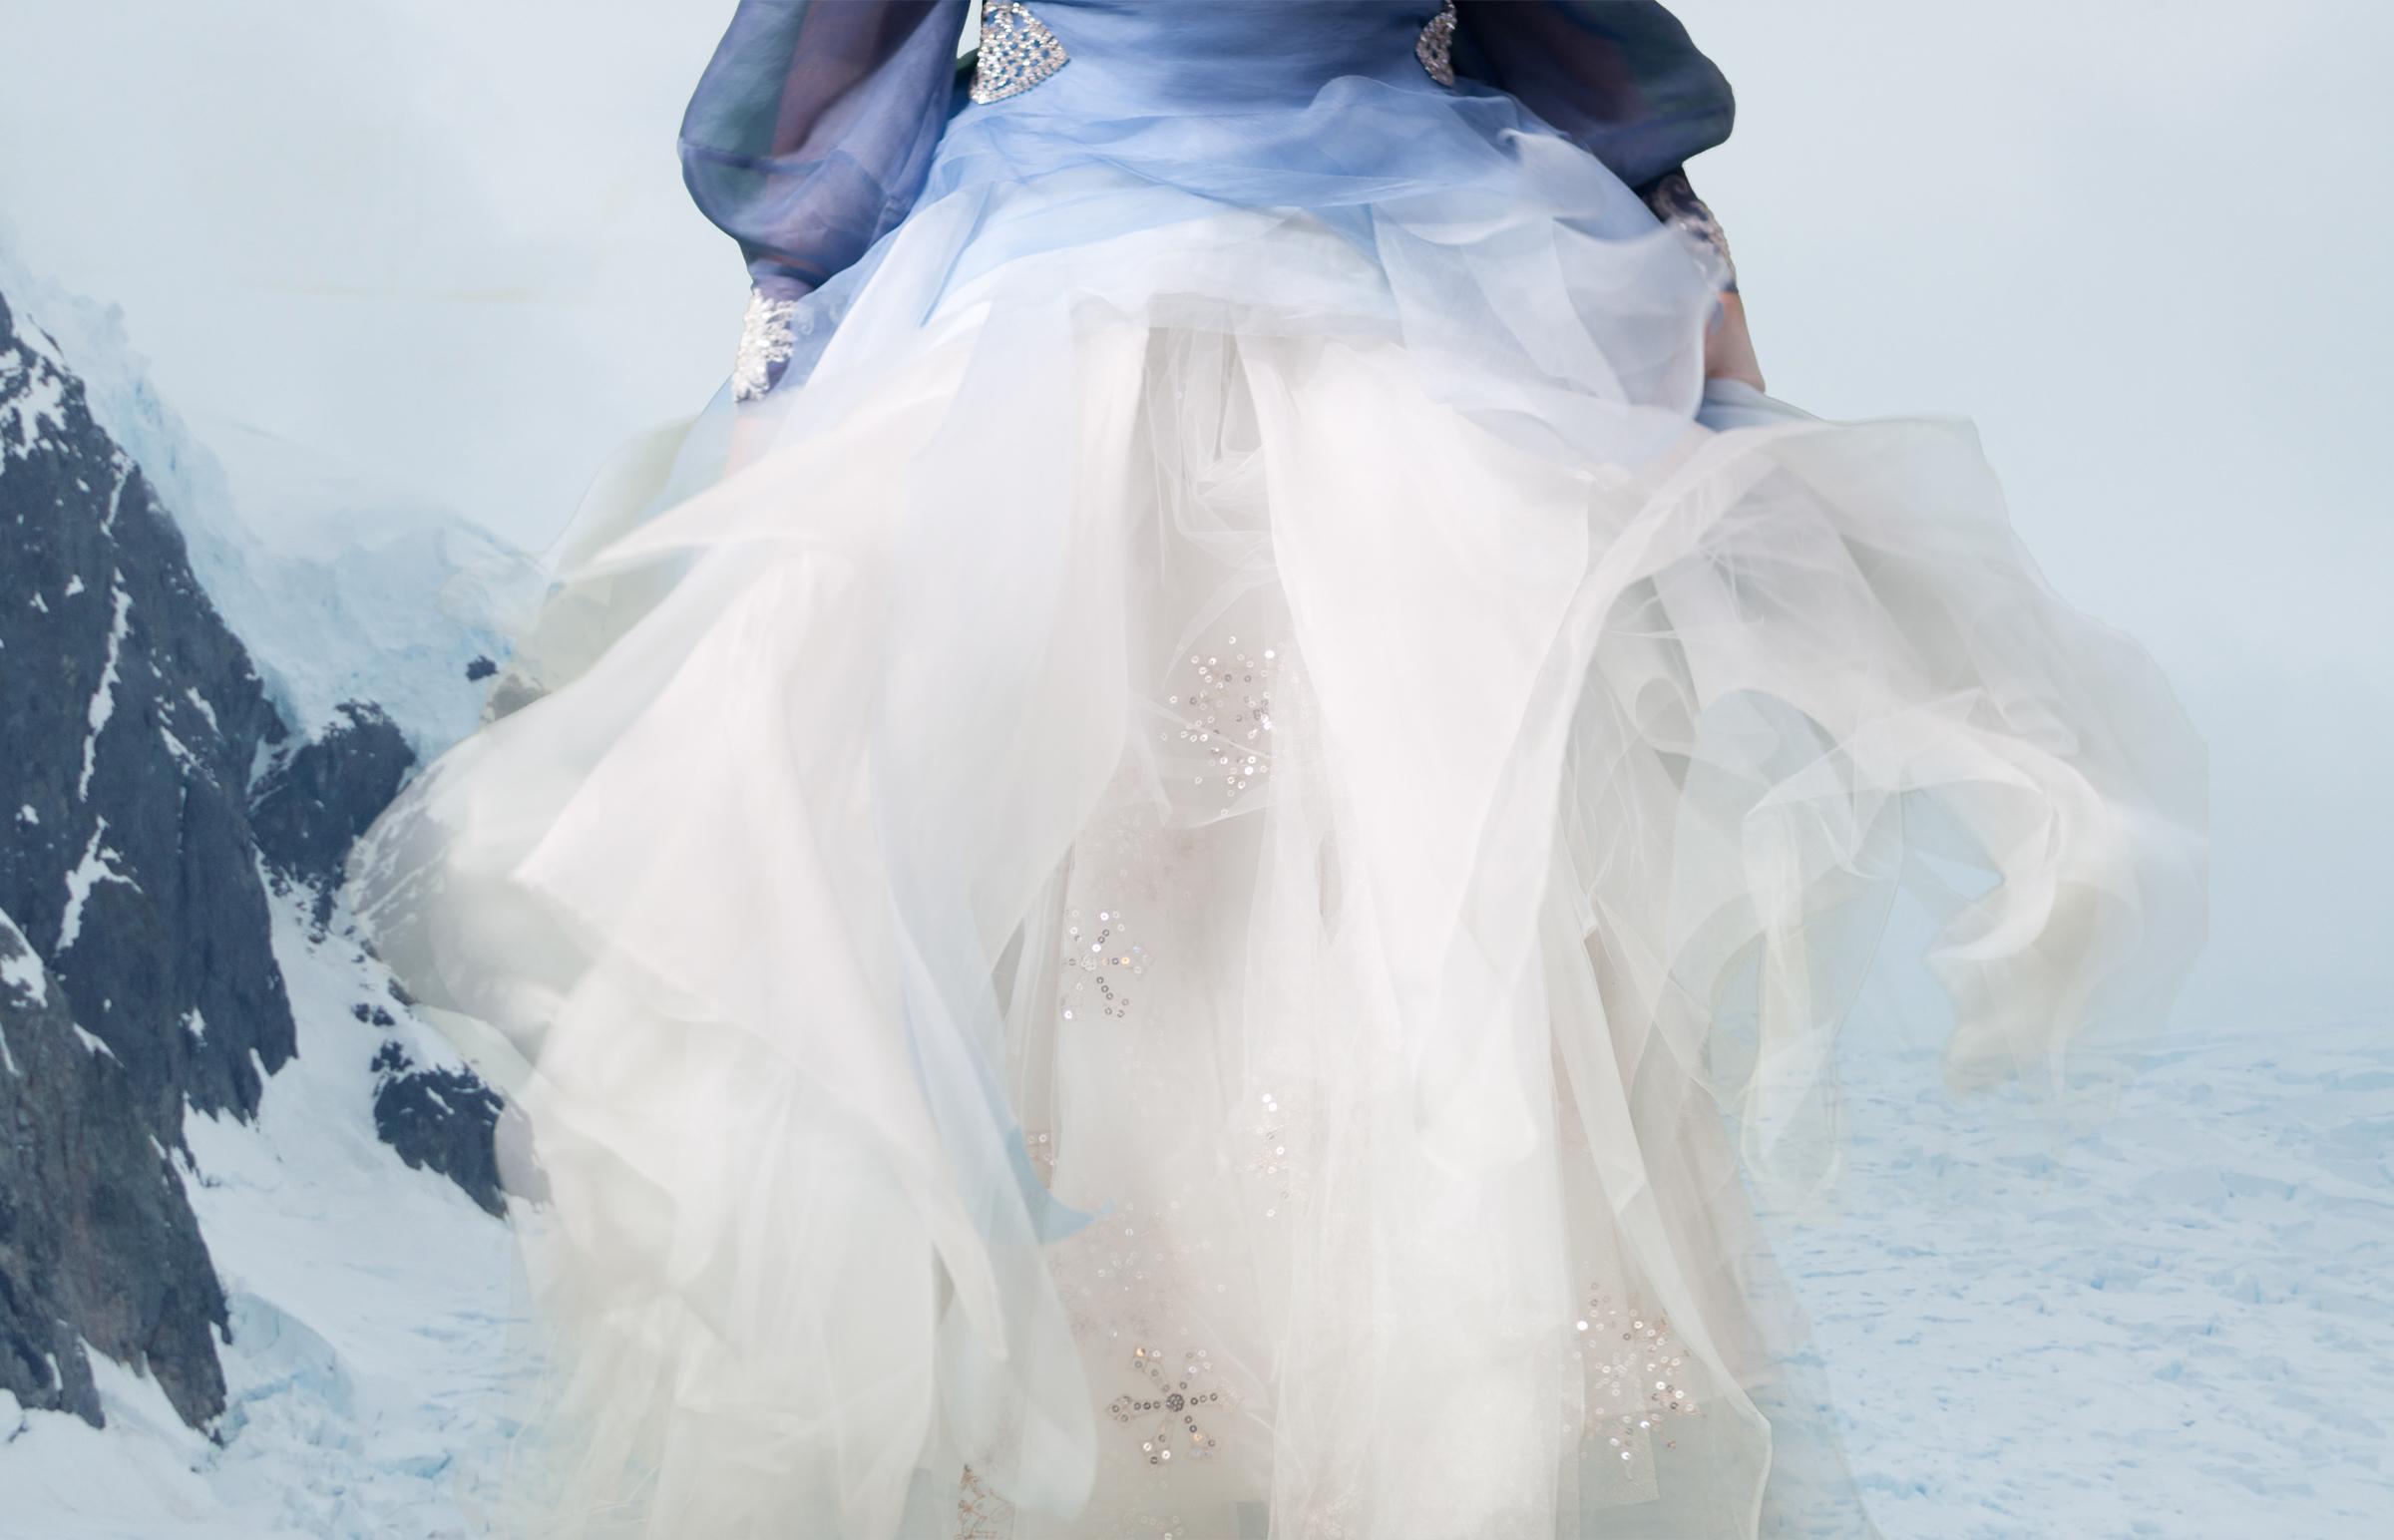 Ice-zeita-4.jpg